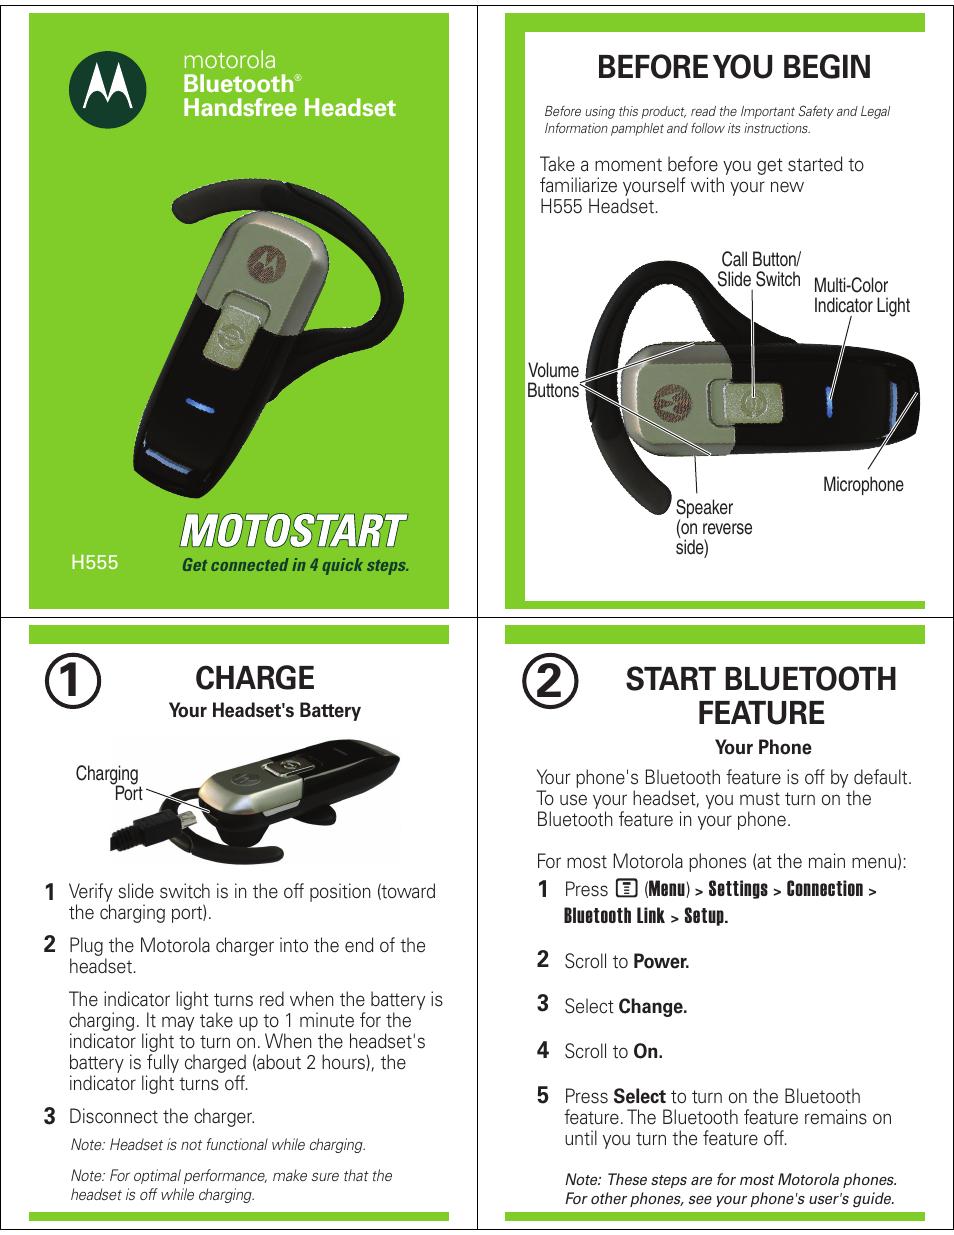 motorola h555 user manual 5 pages rh manualsdir com Motorola Bluetooth H700 User Manual Motorola Bluetooth Headsets User Manual